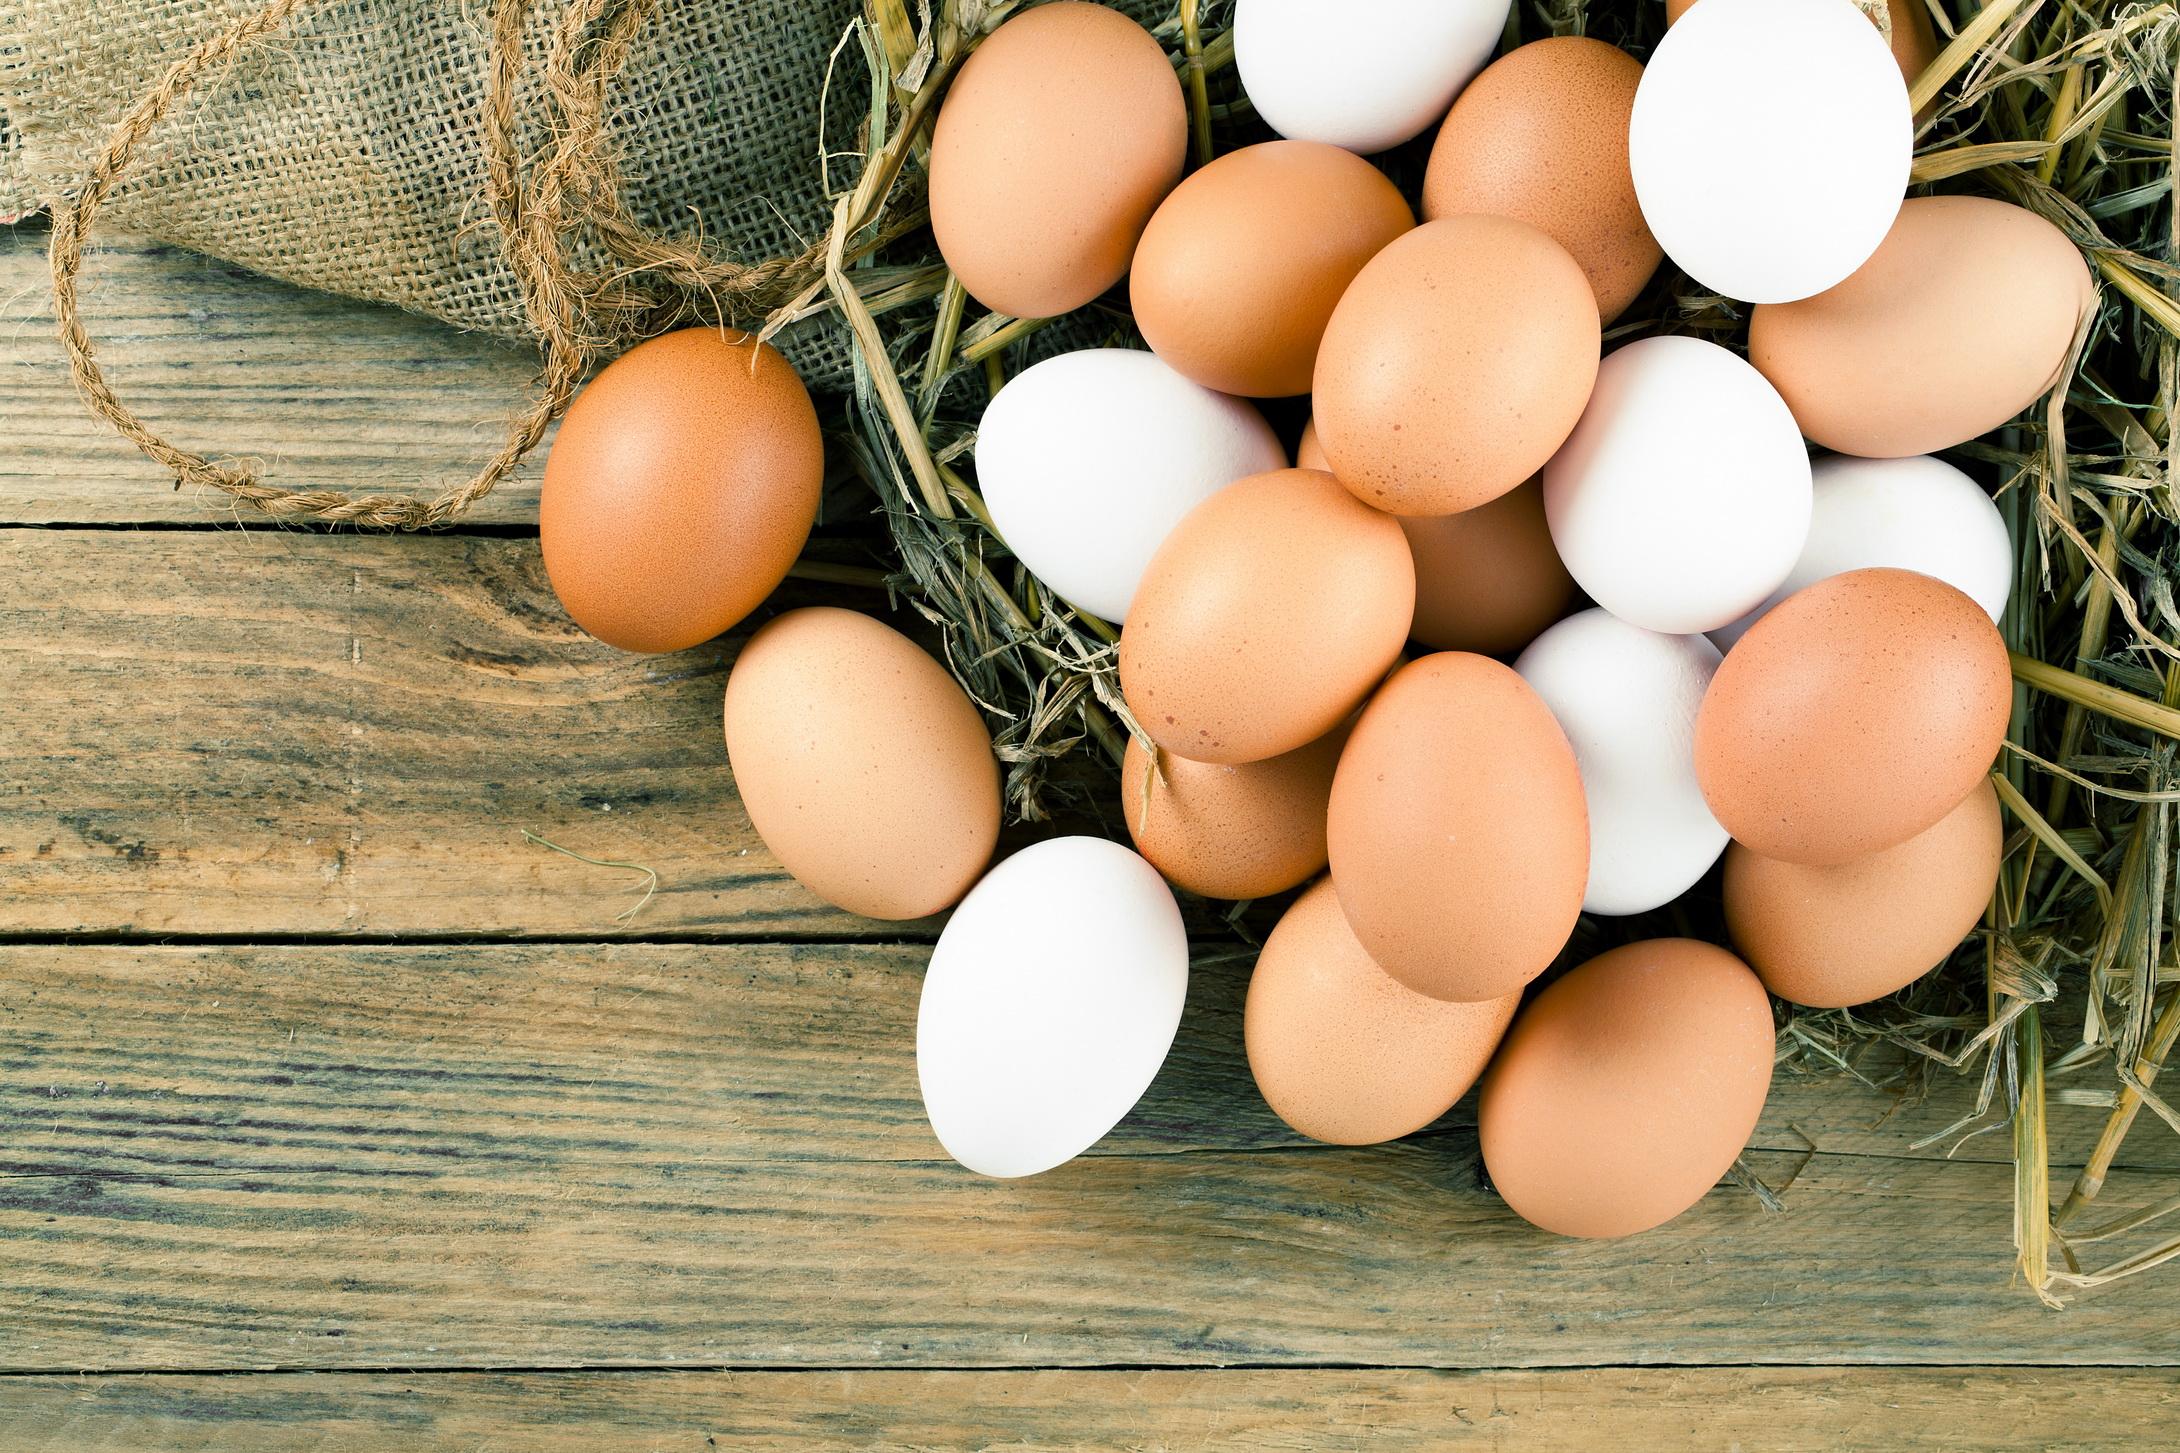 Czy jedząc codziennie jajka można schudnąć